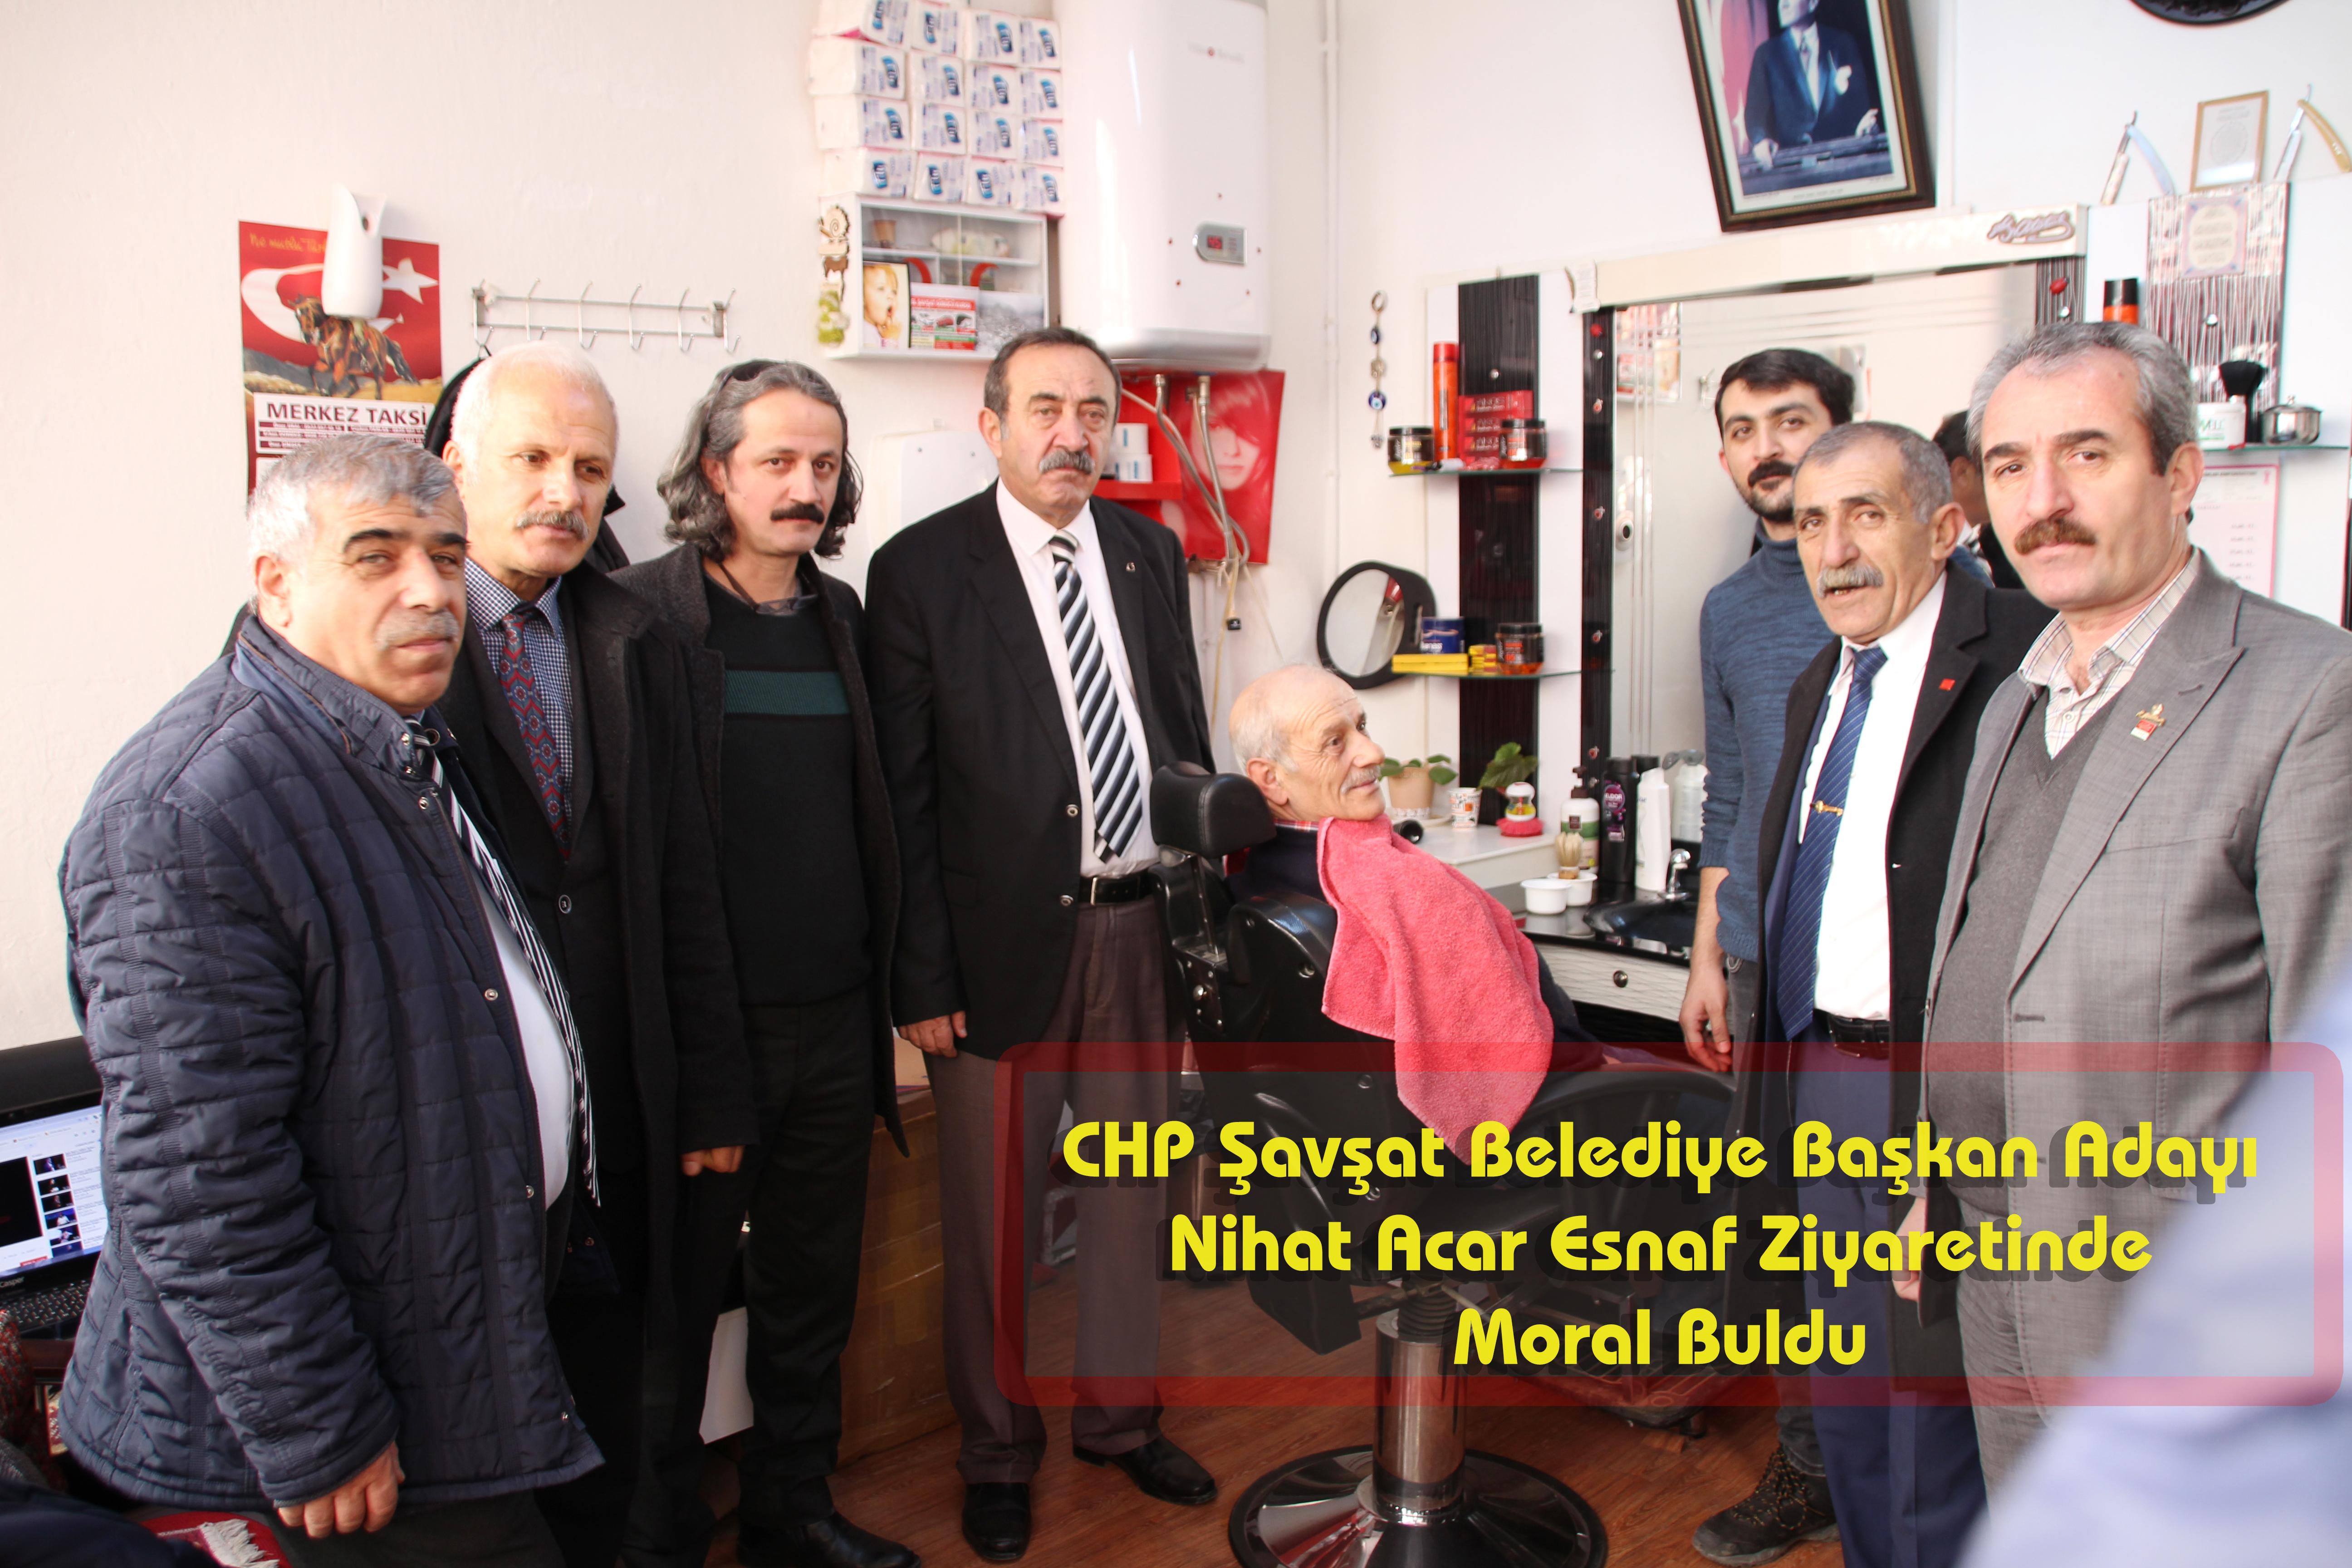 CHP Şavşat Belediye Başkan Adayı  Nihat Acar Esnaf Ziyaretinde Moral Buldu